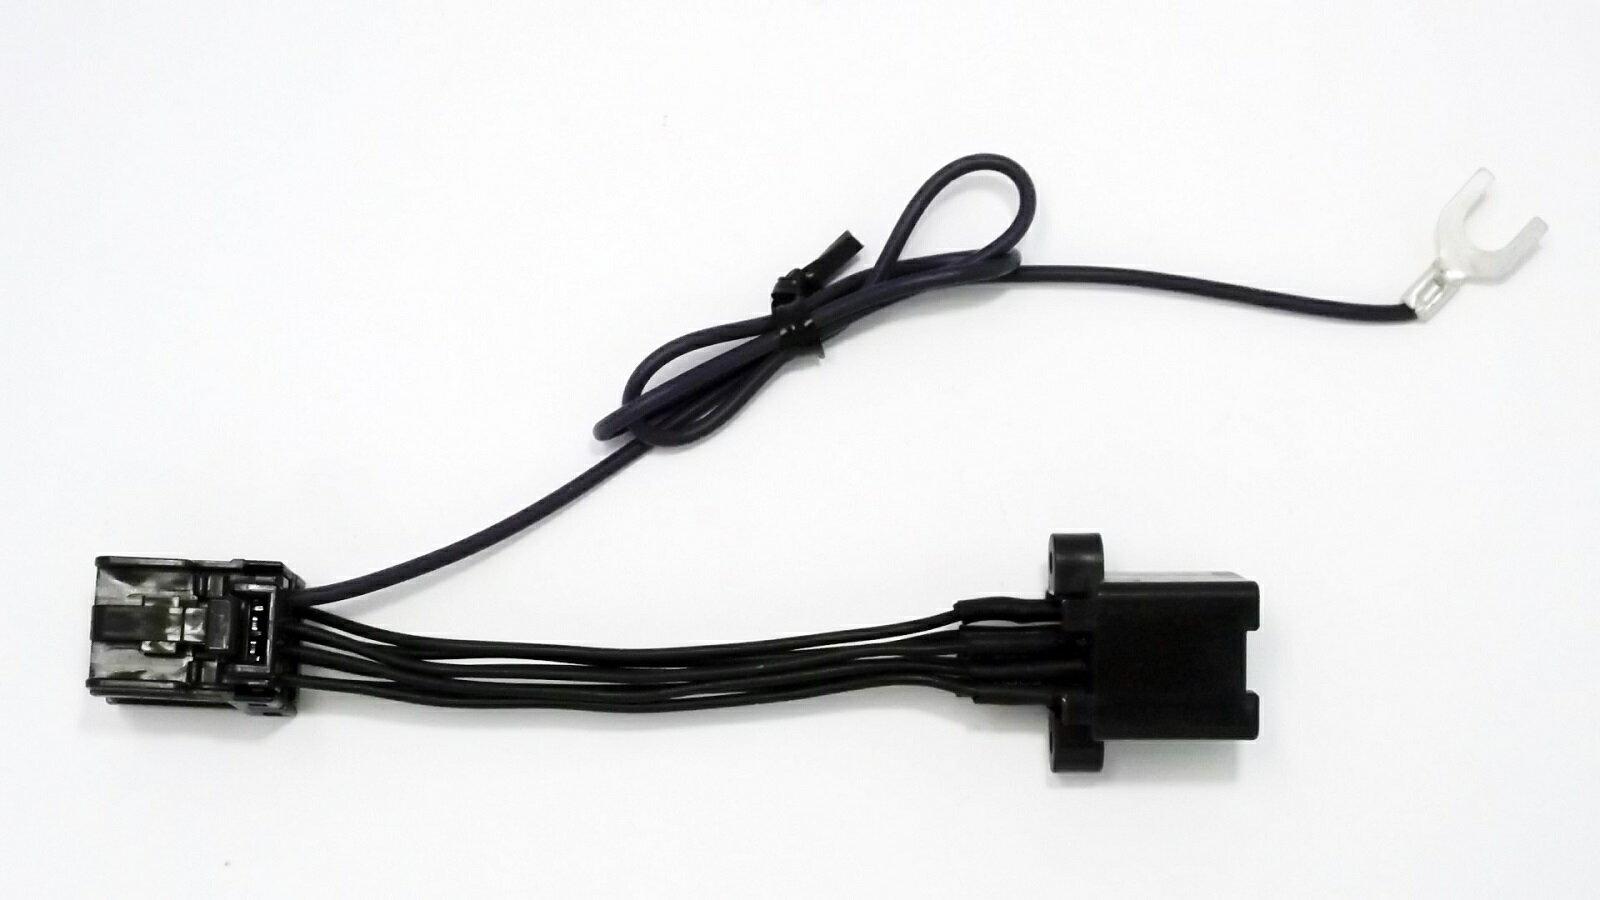 ニッサン MM115D-A 走行中テレビ DVDが見れる ナビ操作も出来るキット